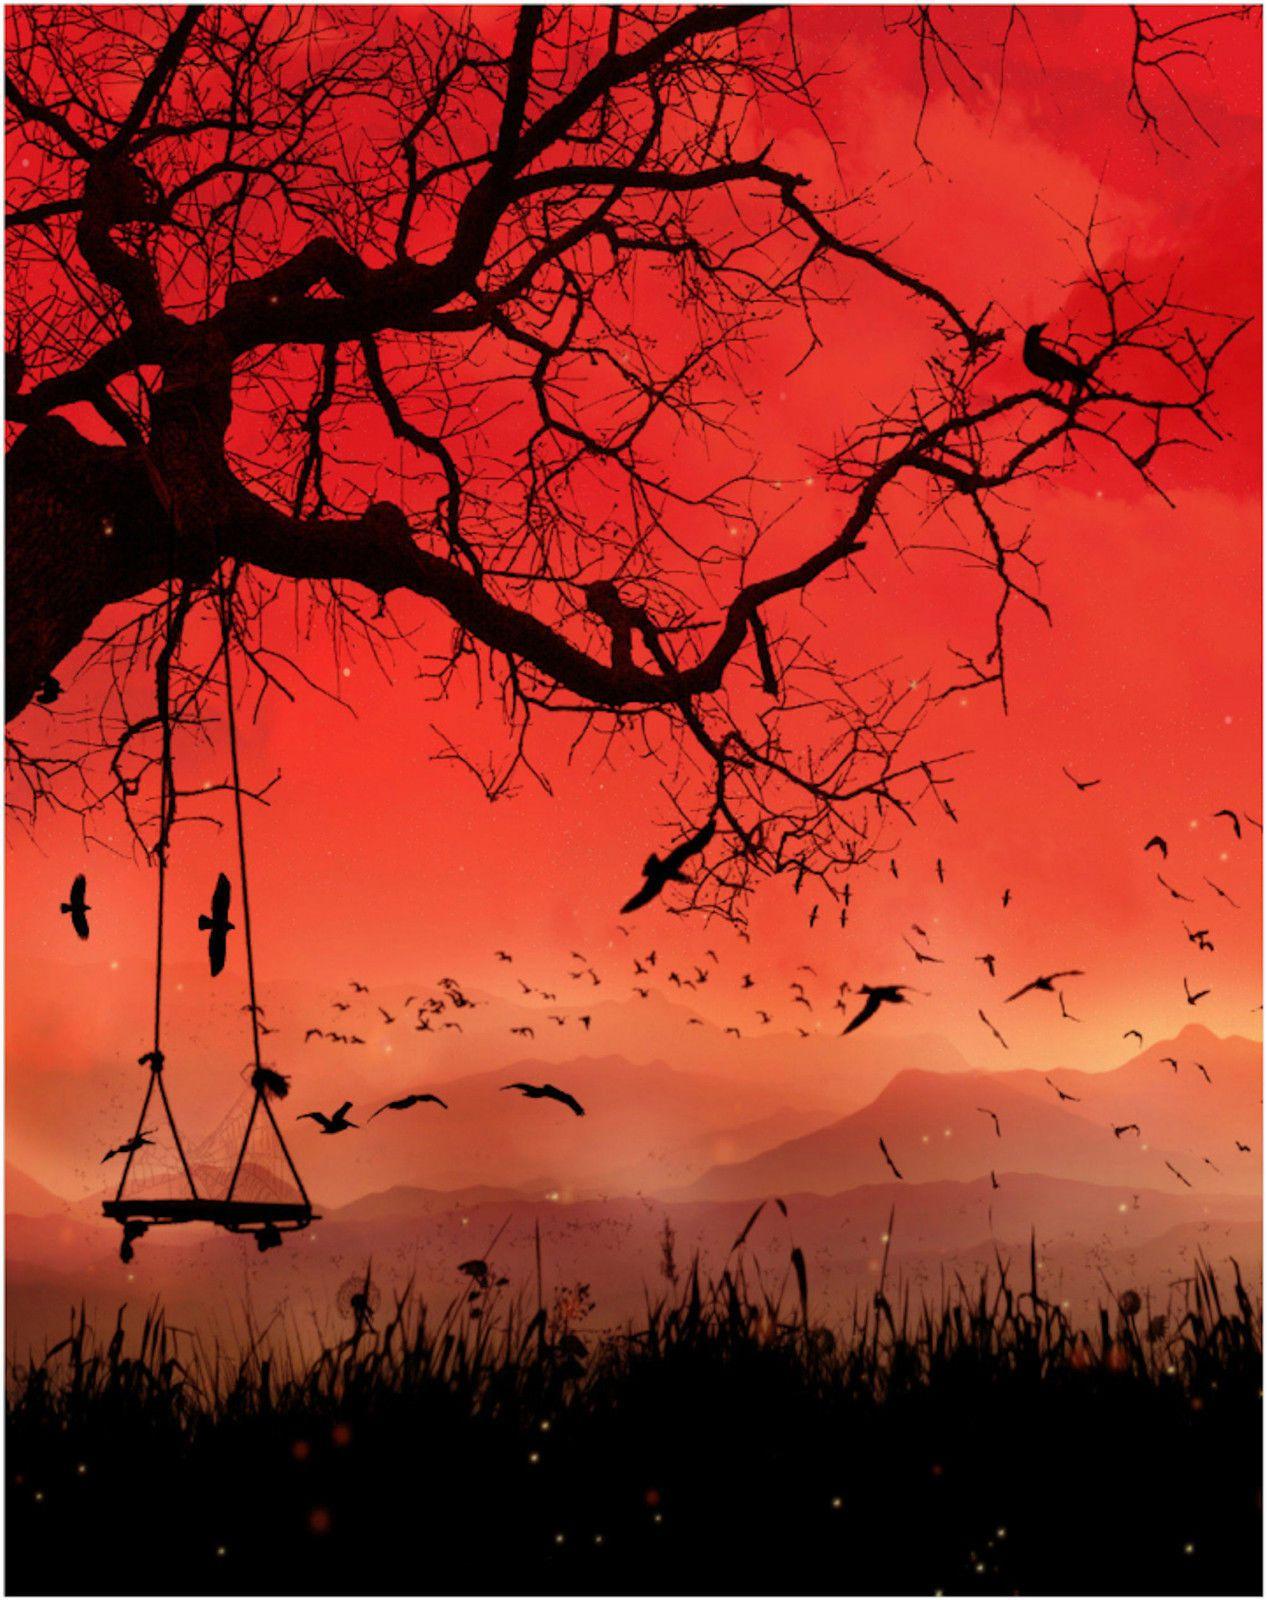 Swinger club sunset